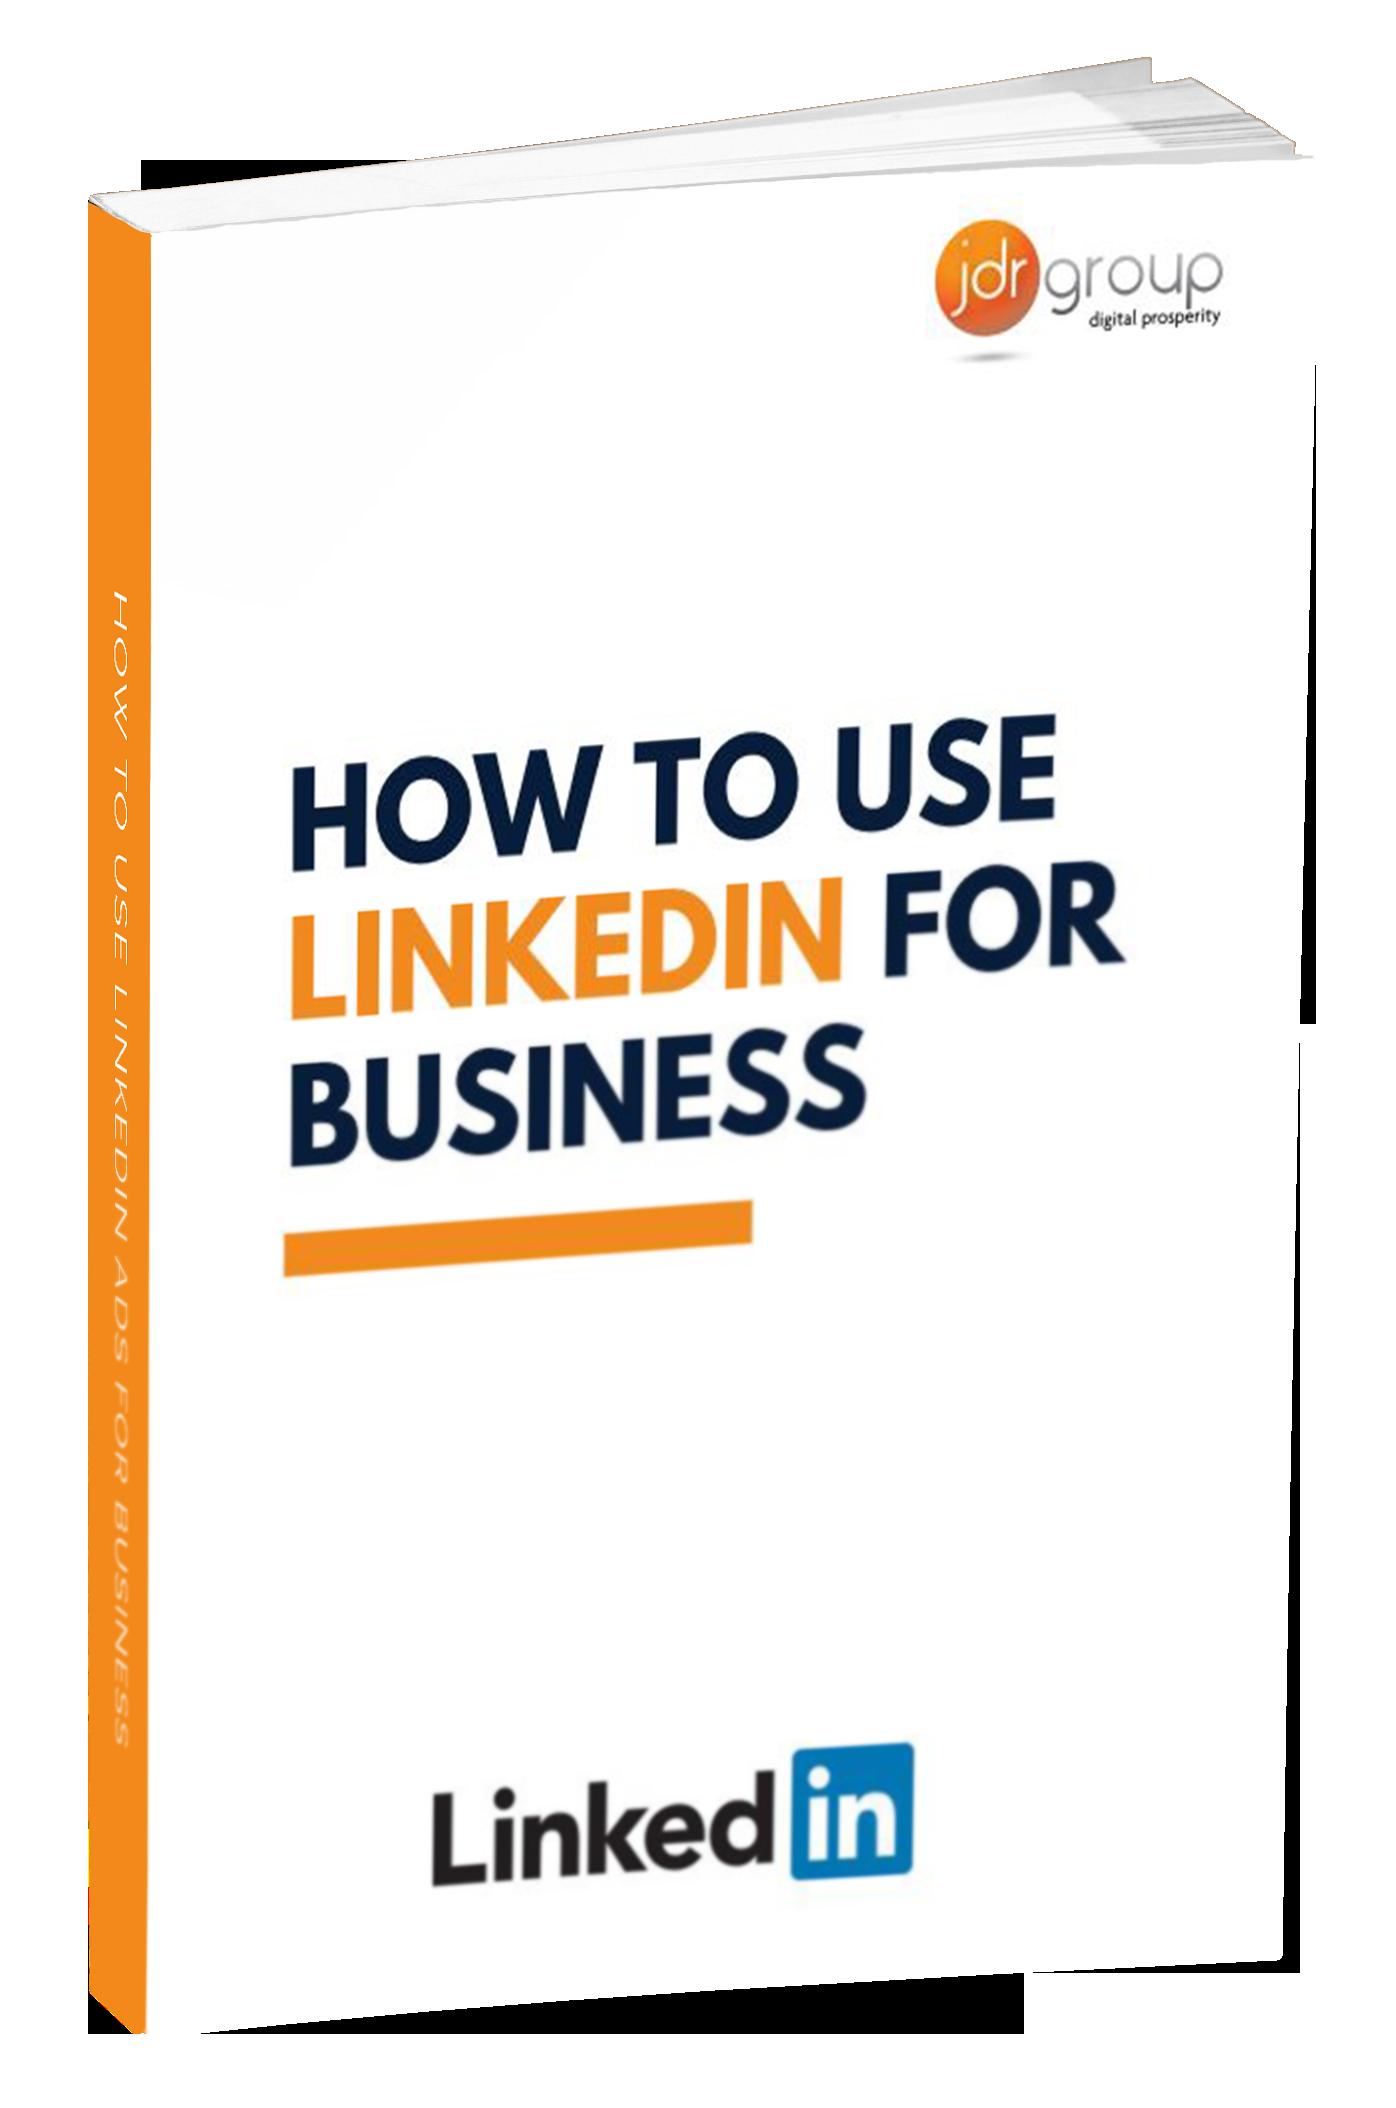 jdr-mock-up-use-linkedin-ads-for-business